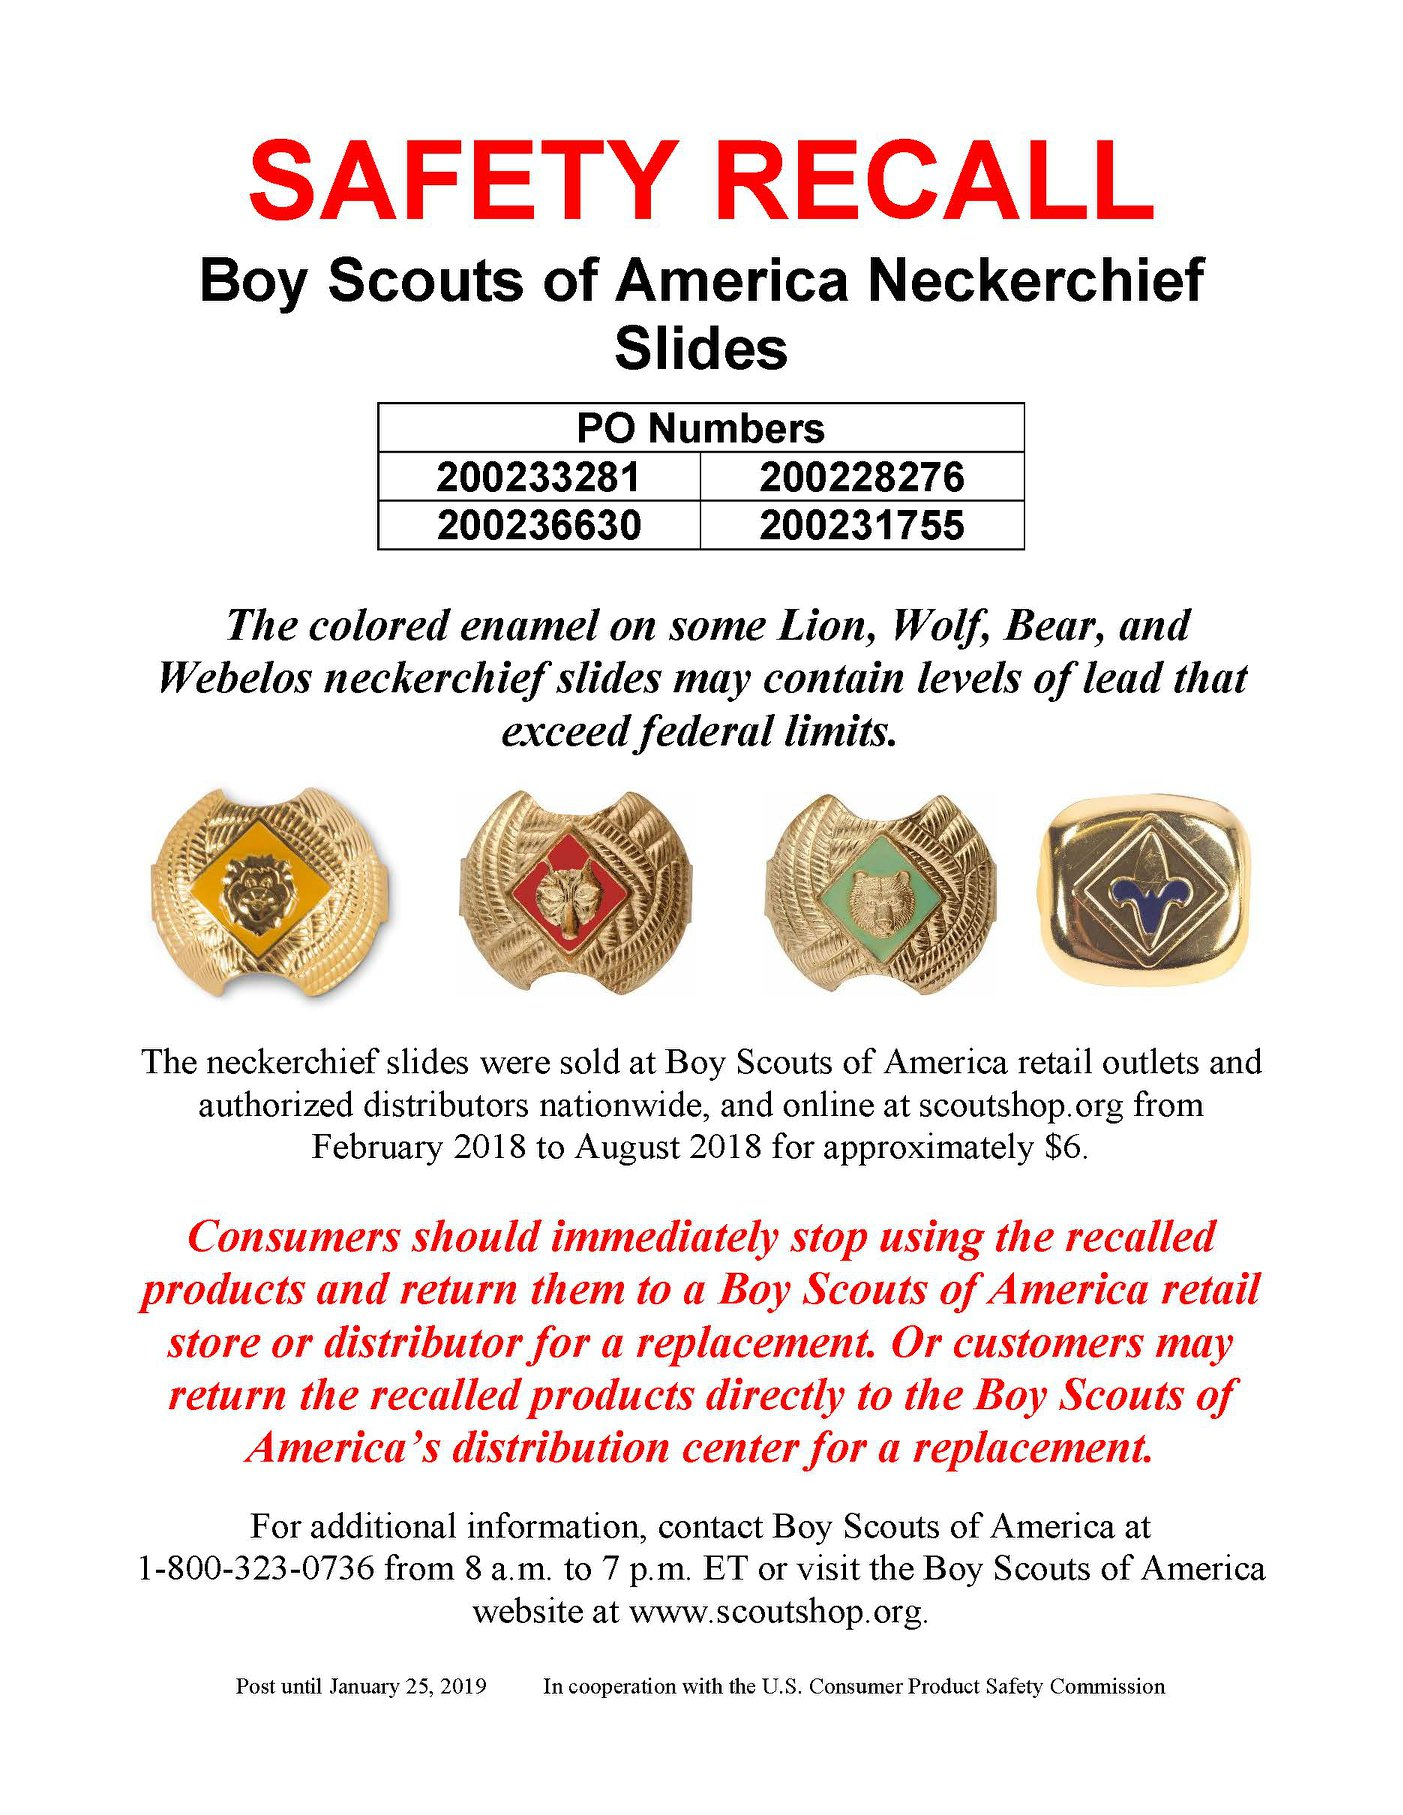 September 2018 Boy Scout Neckerchief Recall, Leaded Enamel